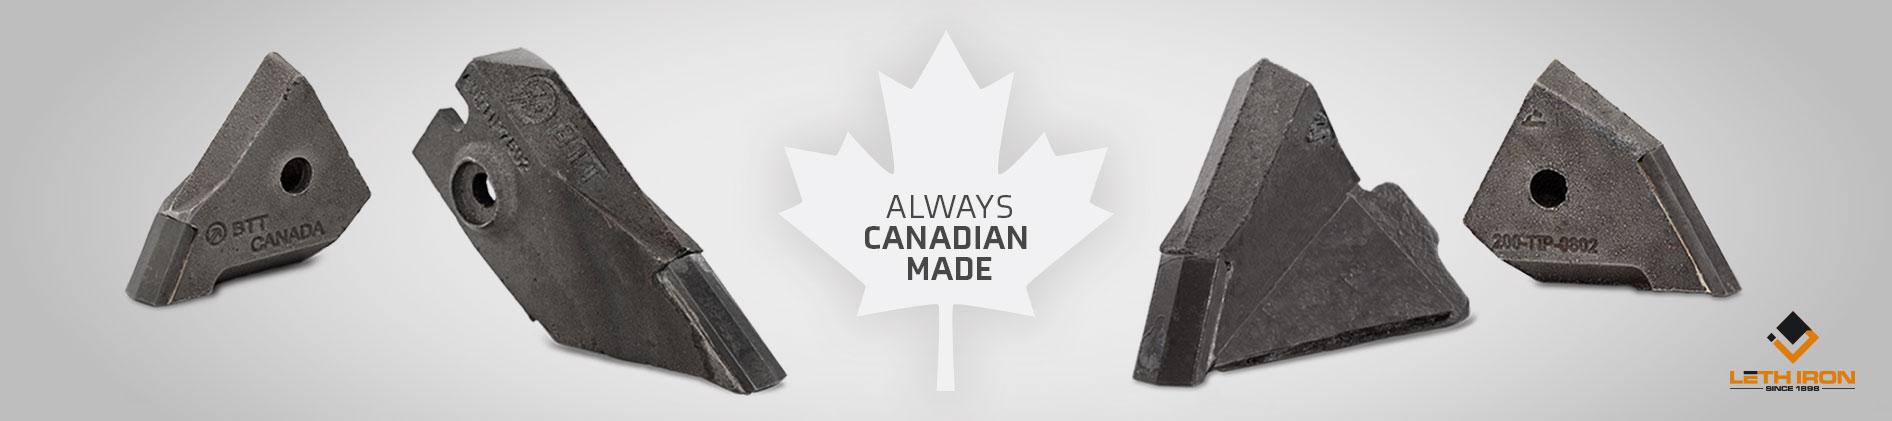 Website_Banner_Inside_Carbide-Tips_Canadian-Made